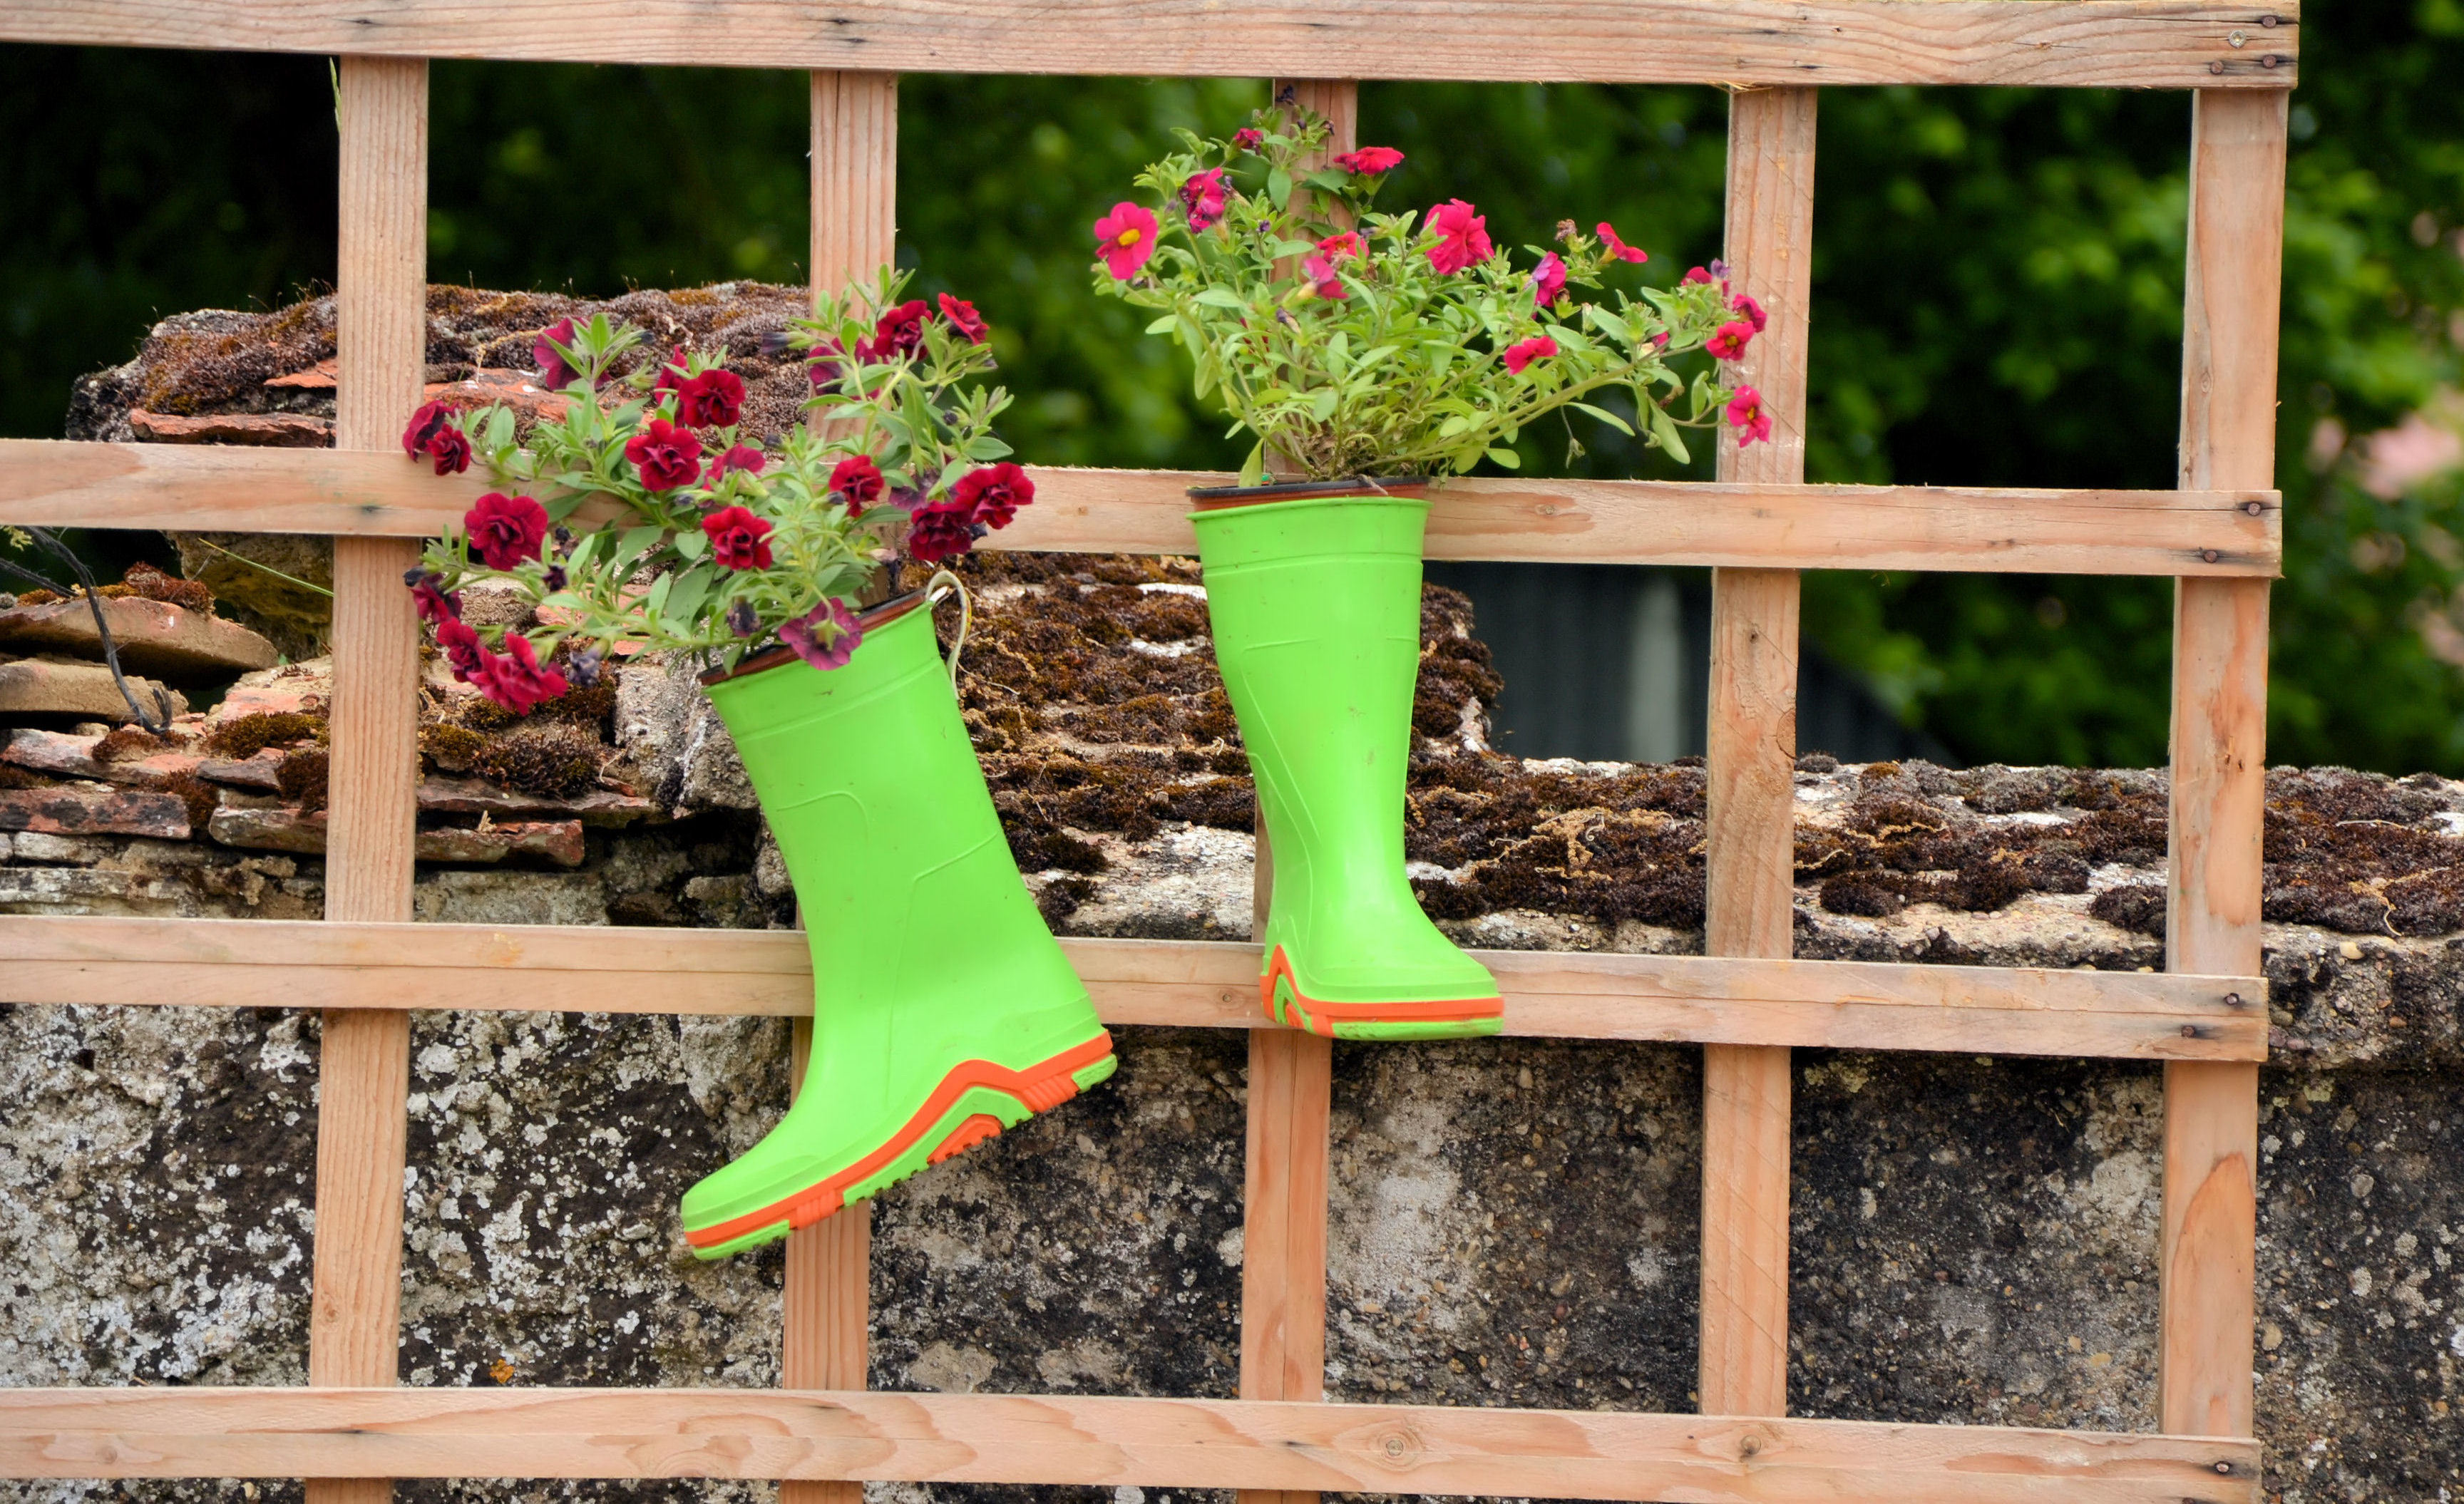 Hazlo t mismo ideas geniales para decorar tu patio for Amaru en la puerta de un jardin